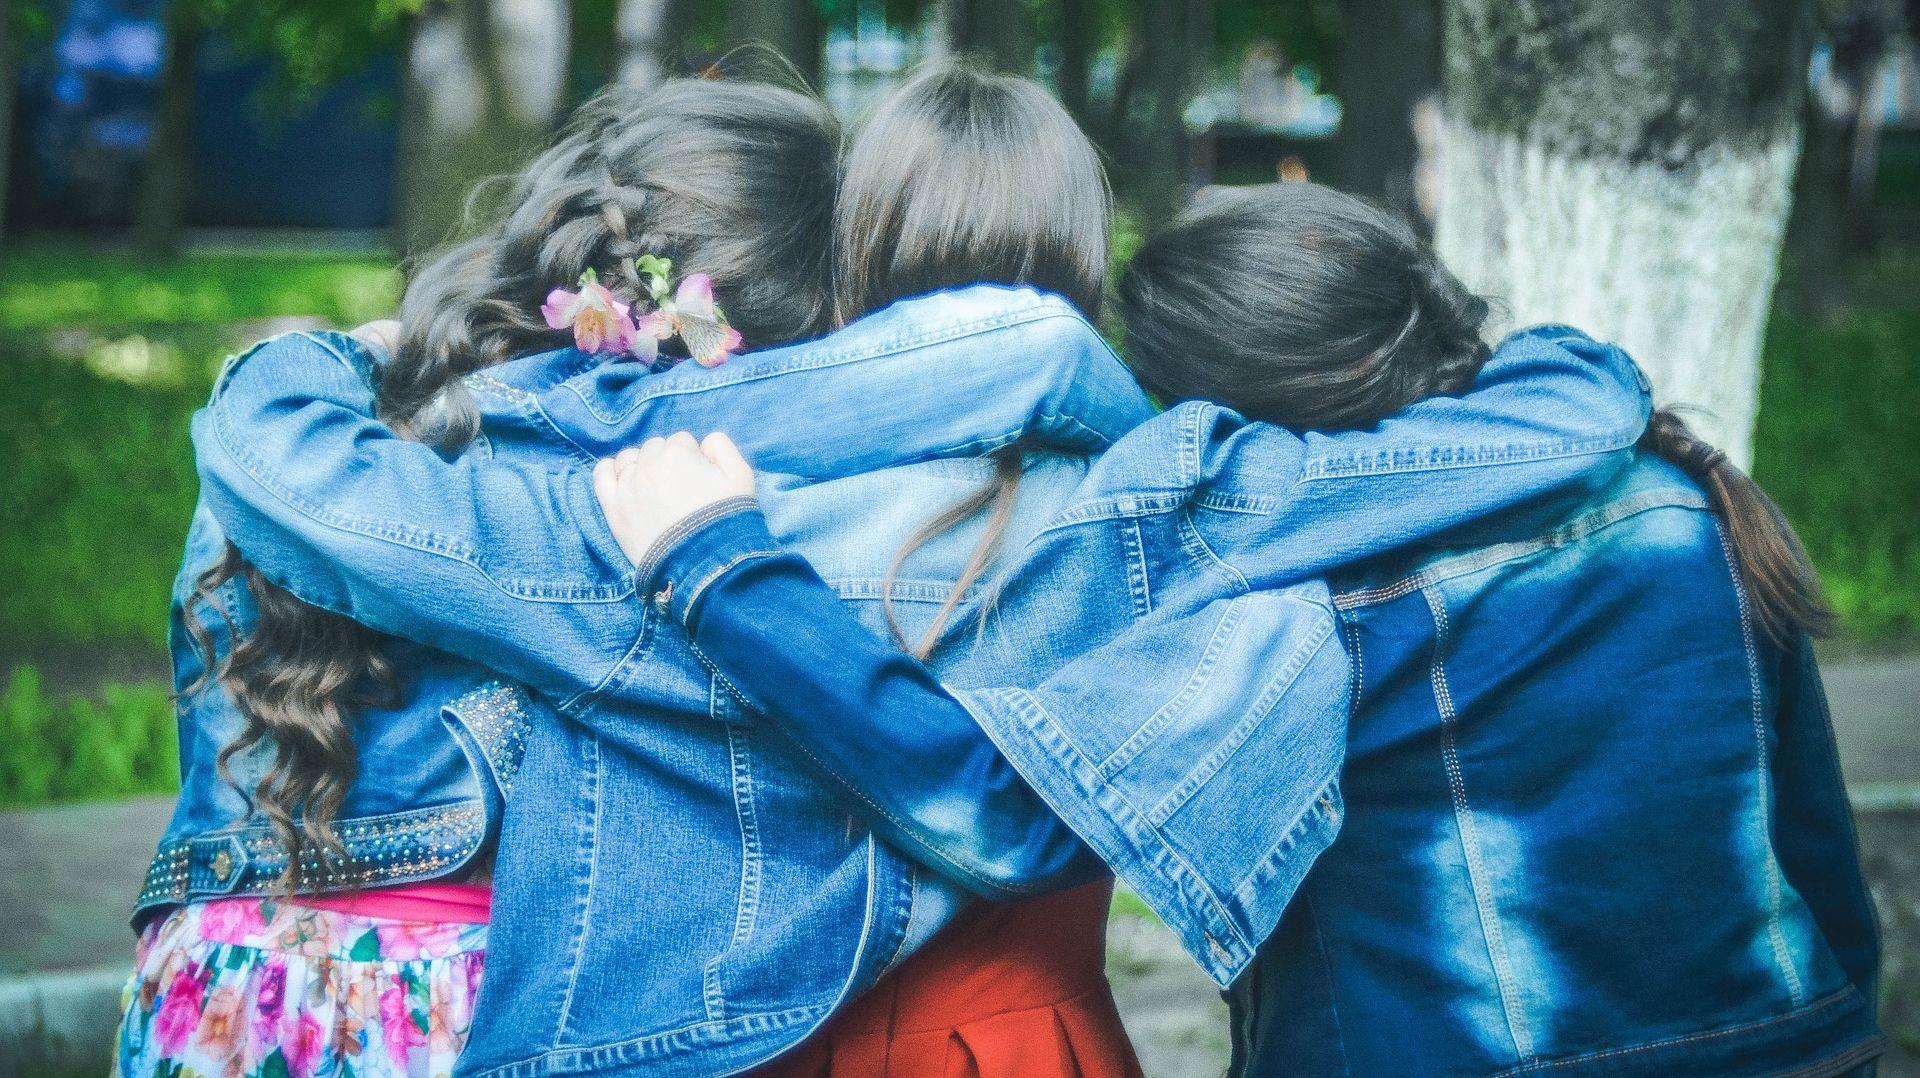 STUDIJA Osobe s više prijatelja imaju veći prag tolerancije na bol